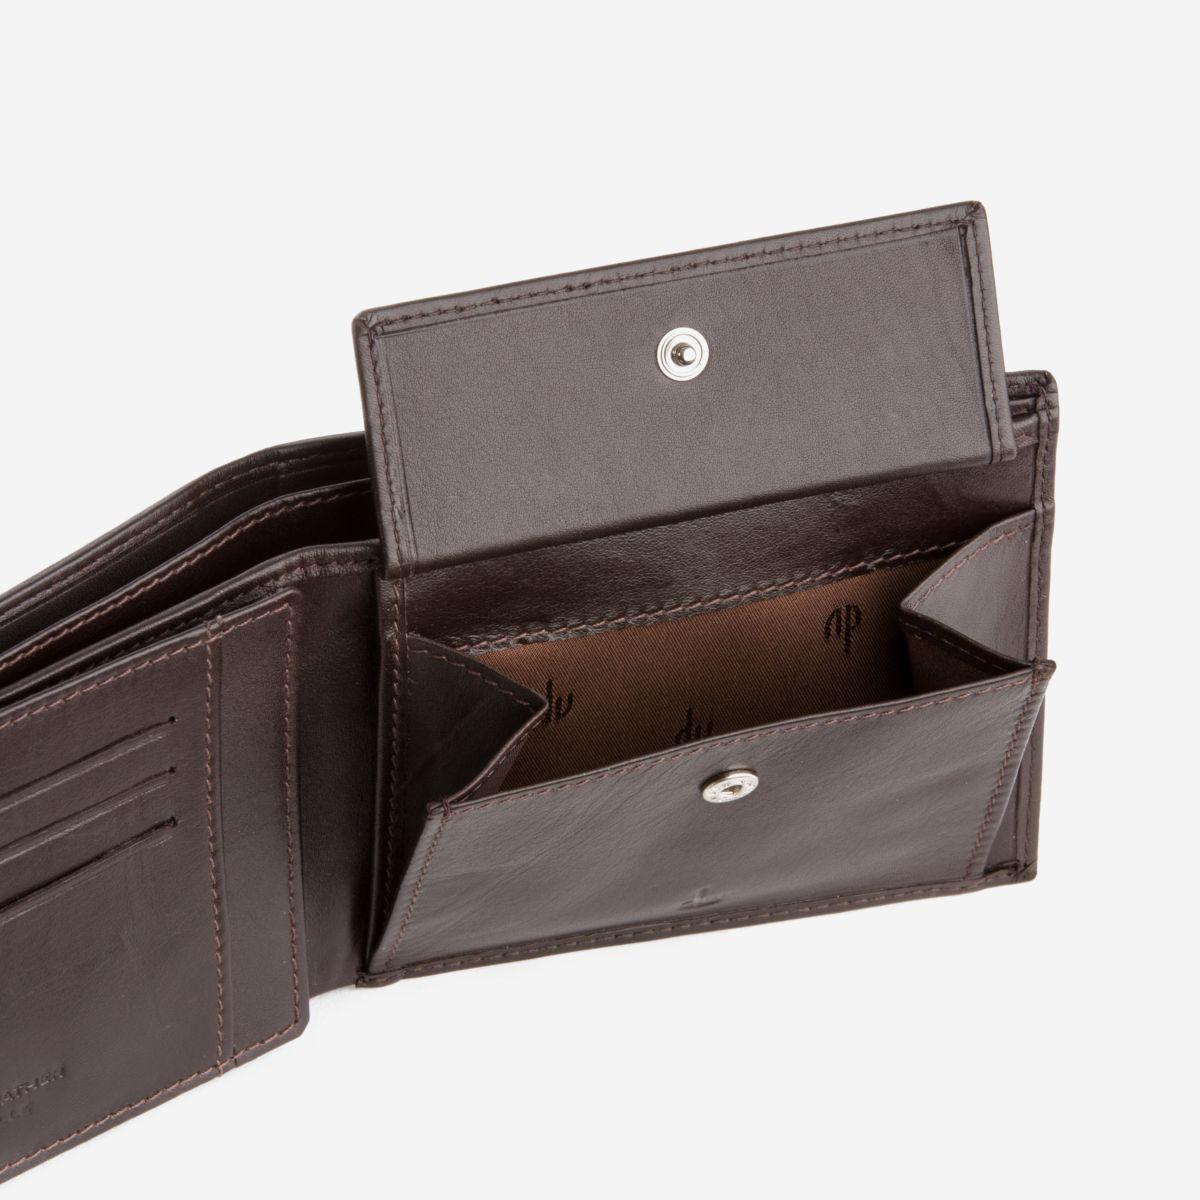 dv ארנק עור קלאסי עם תא למטבעות - חום כהה